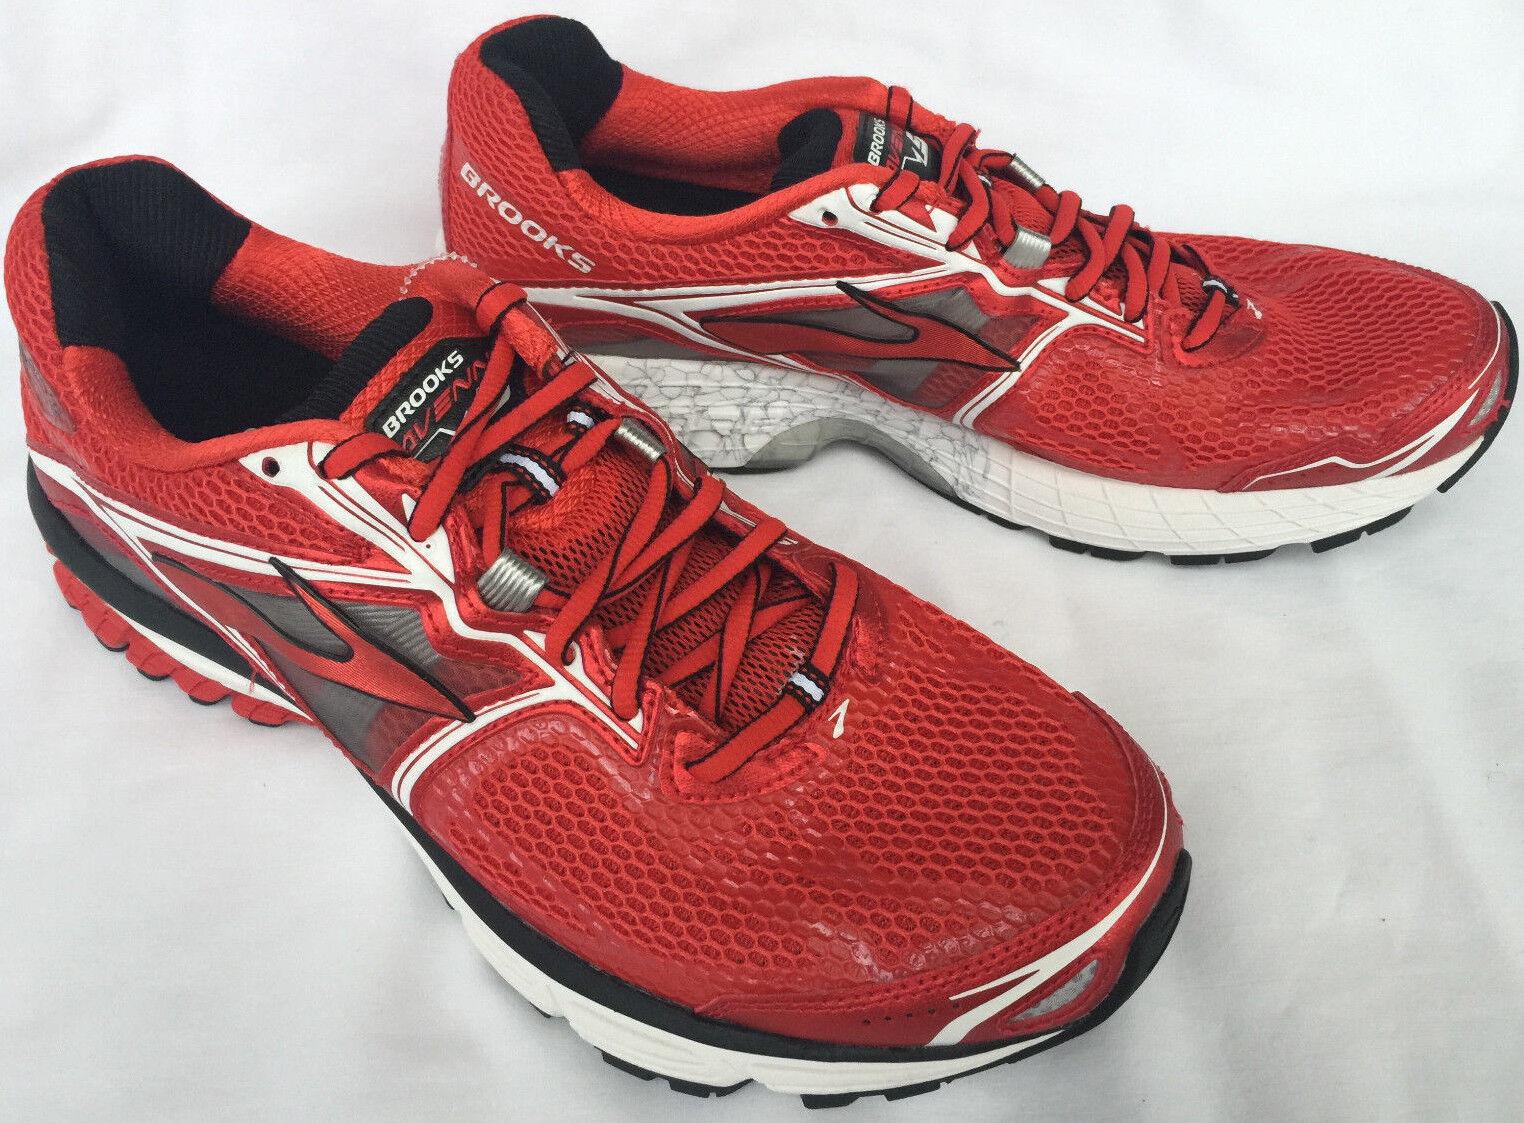 Brooks Ravenna 5 High Risk Red 1101561D608 Marathon Running shoes Men's 13 D new